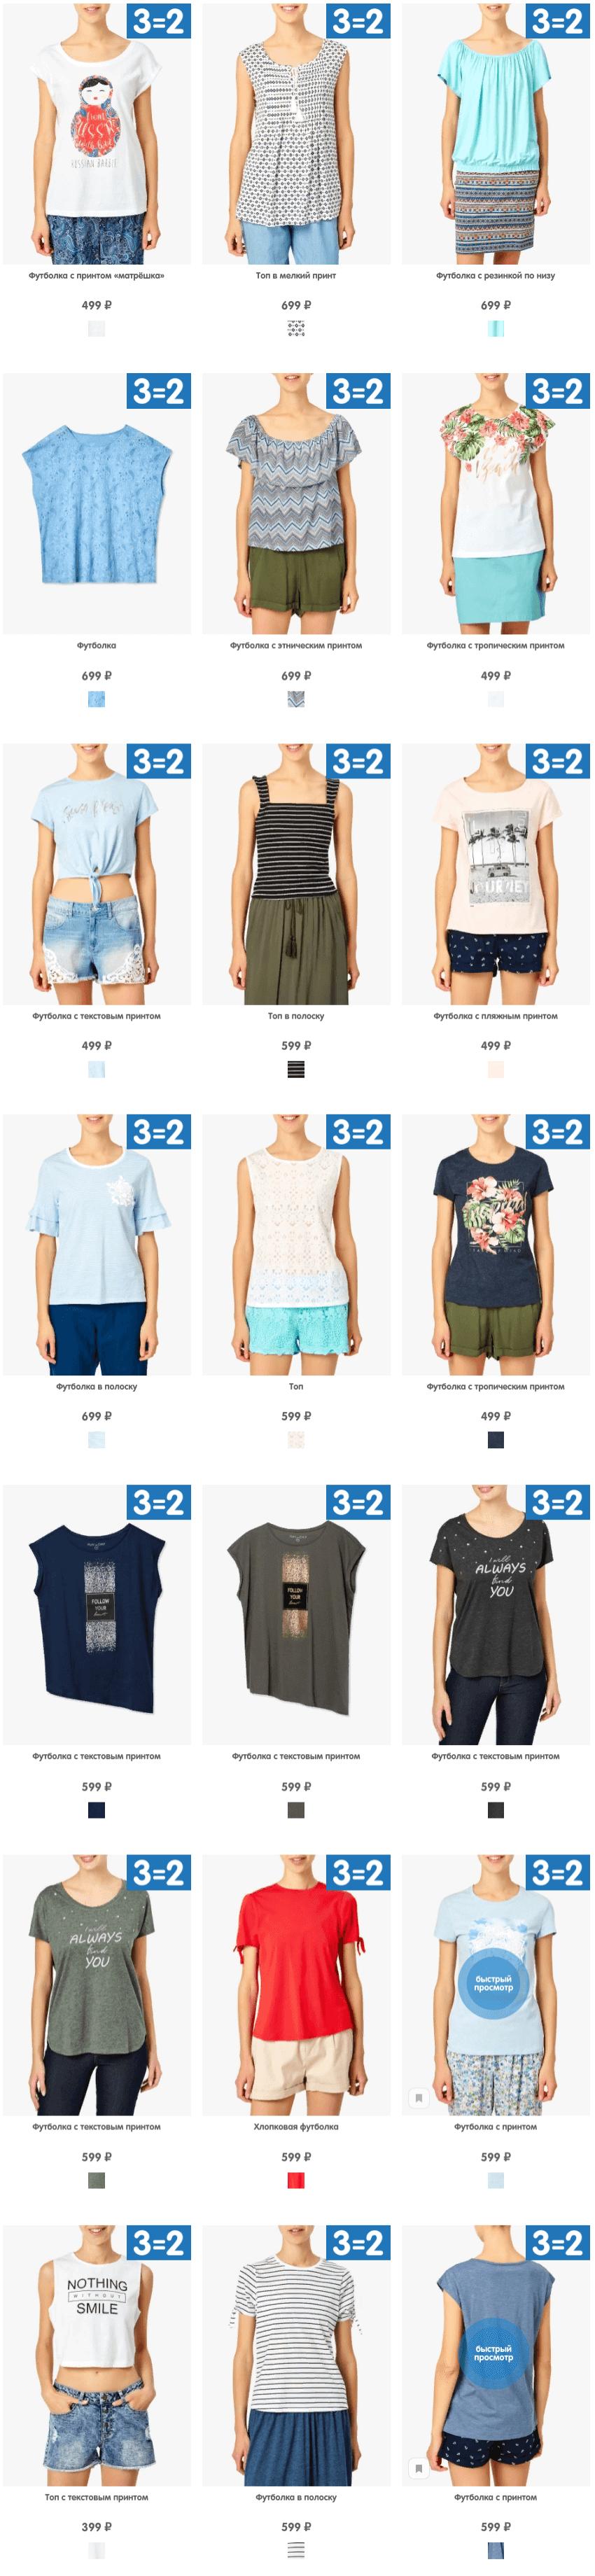 001 - Купить Женские футболки и топы в интернет магазине одежды Funday shop